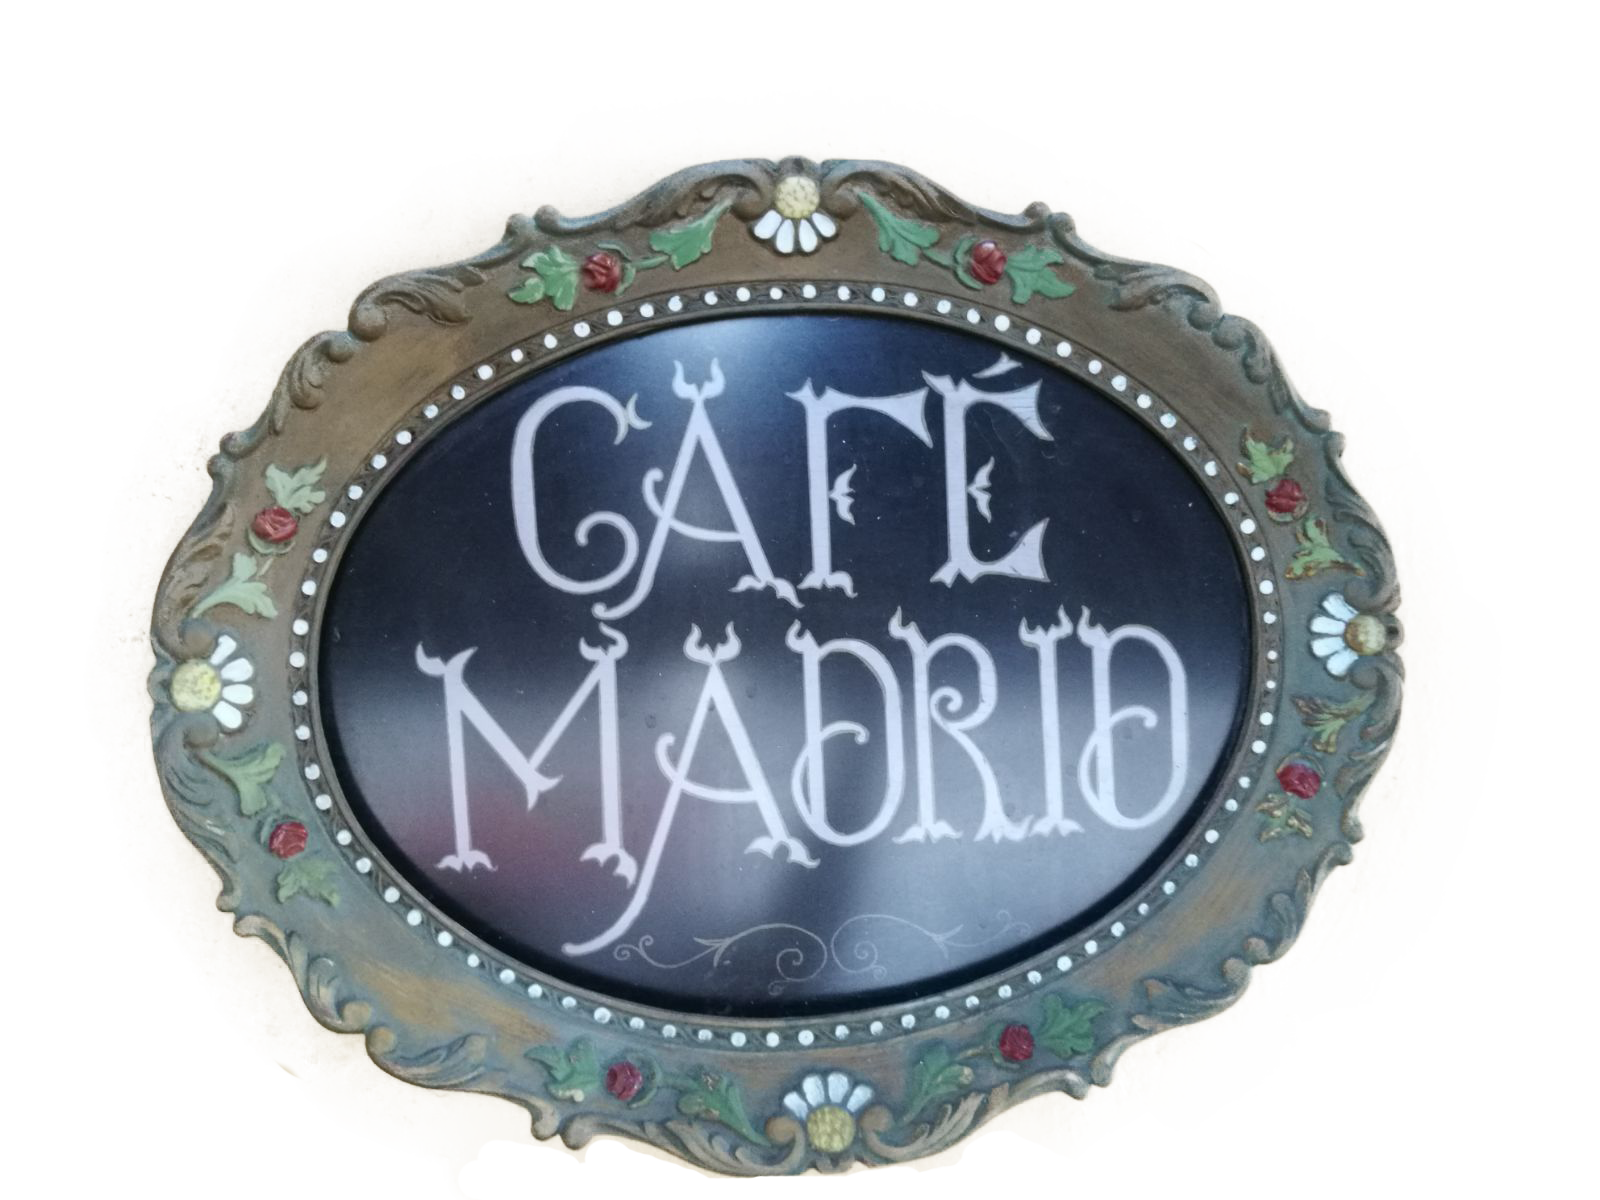 Café Madrid Las Palmas